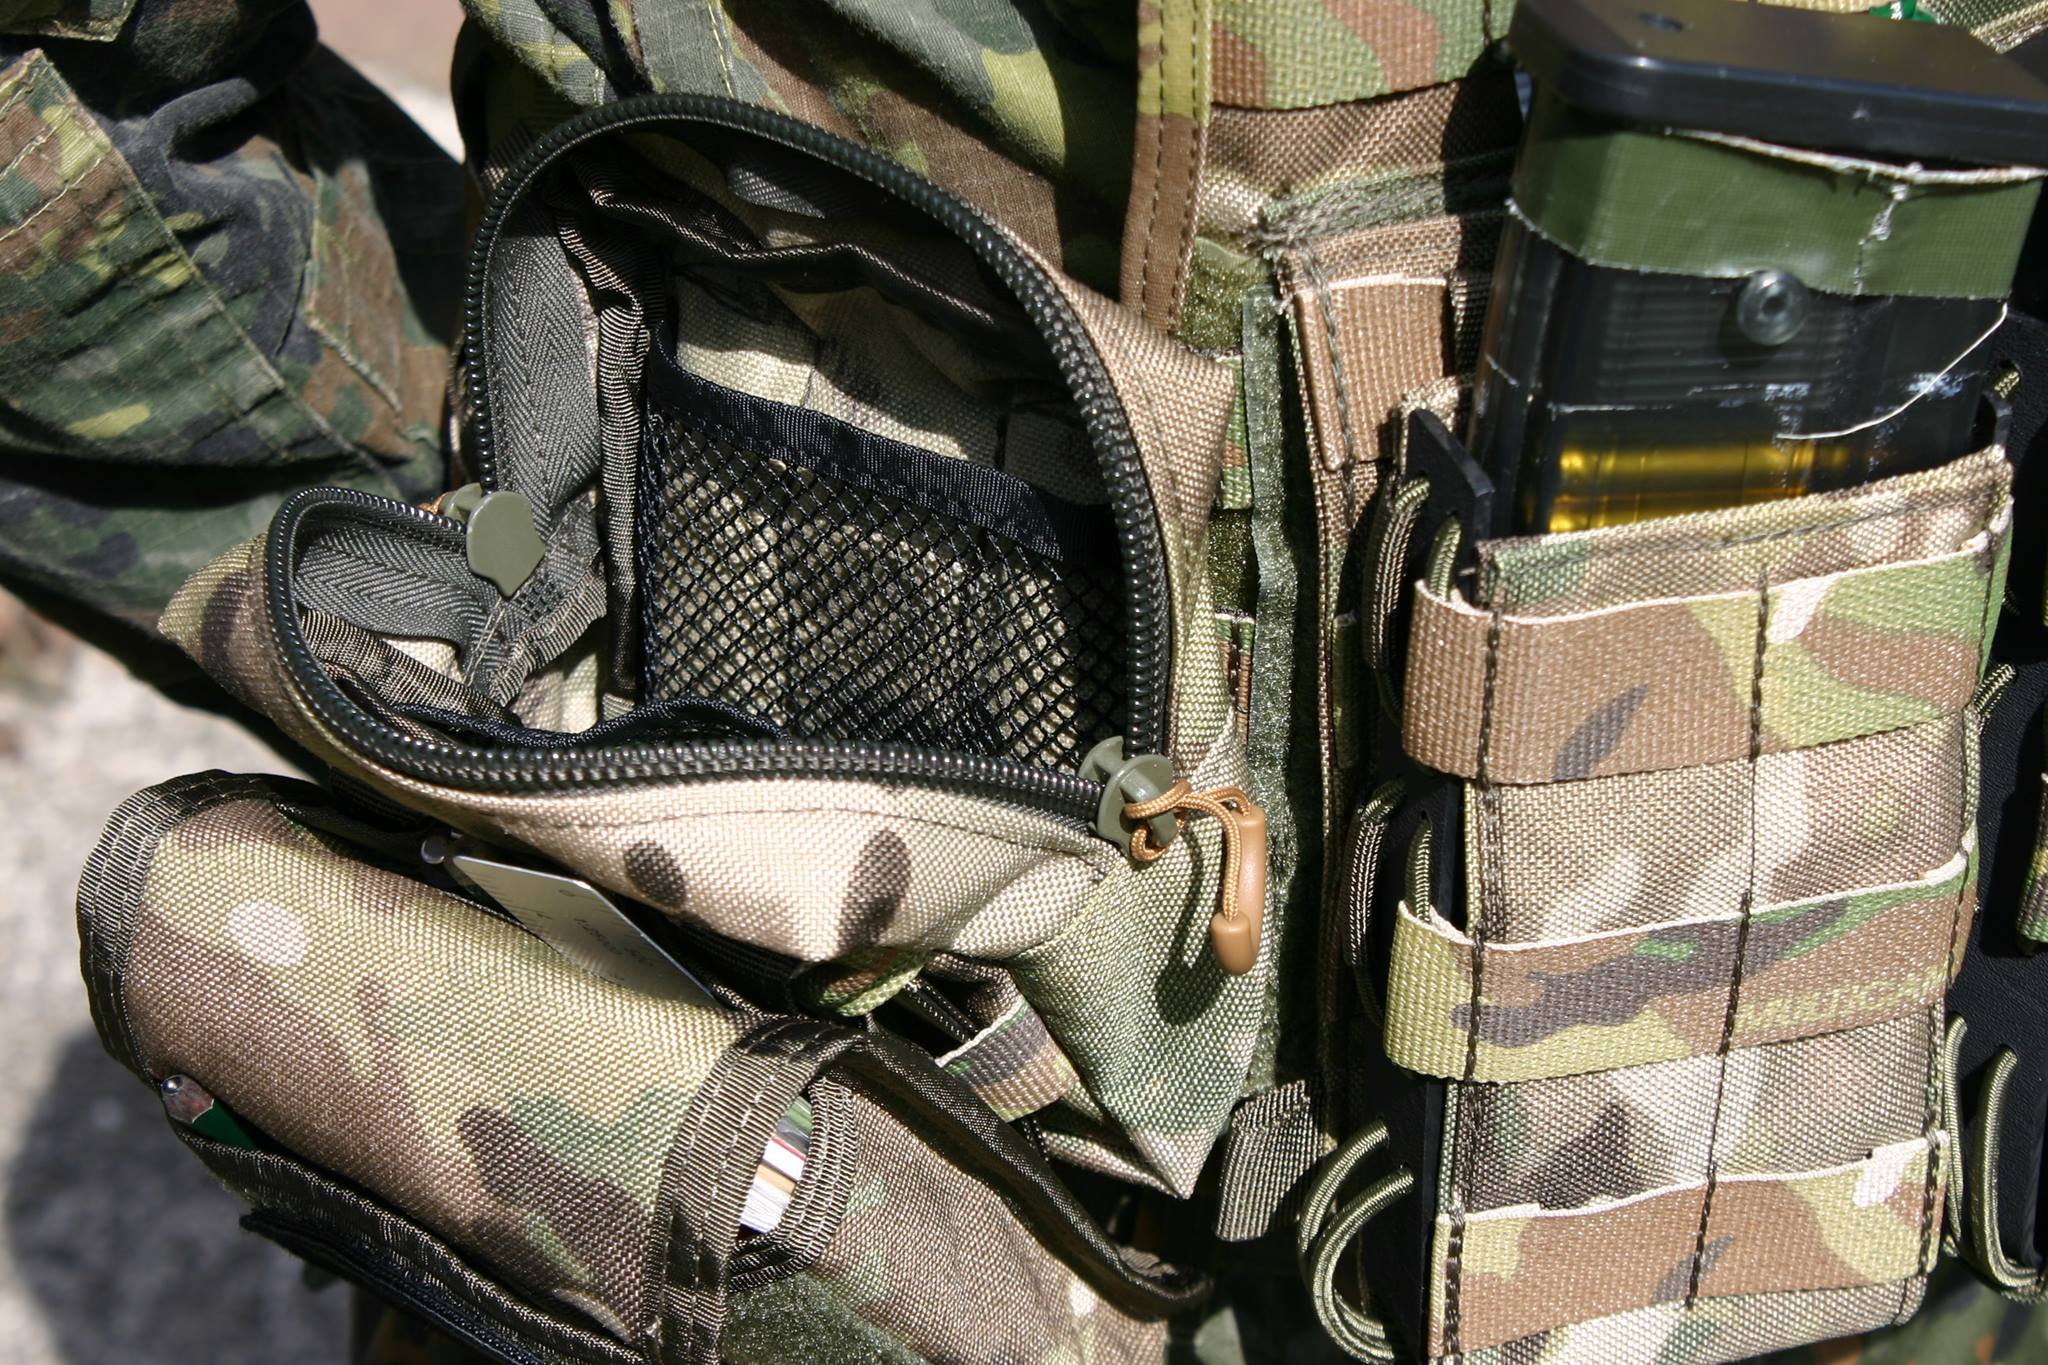 Über Molle Schlaufen kann die Tasche an Ausrüstung befestigt werden